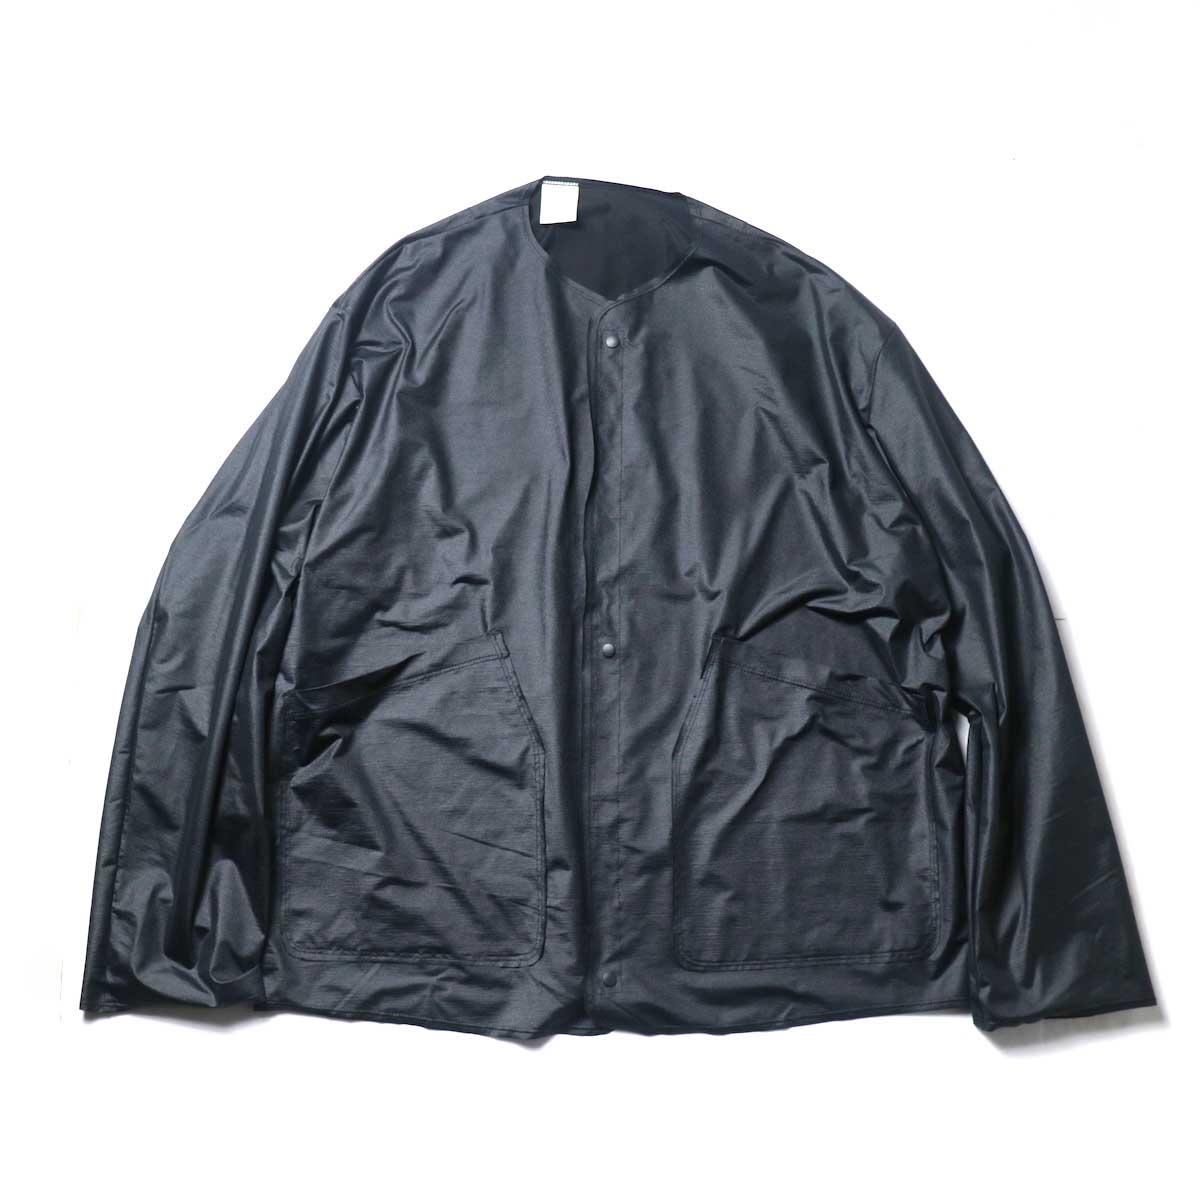 N.HOOLYWOOD / 9211-SH07-010 pieces Shirt Cardigan (Black)正面